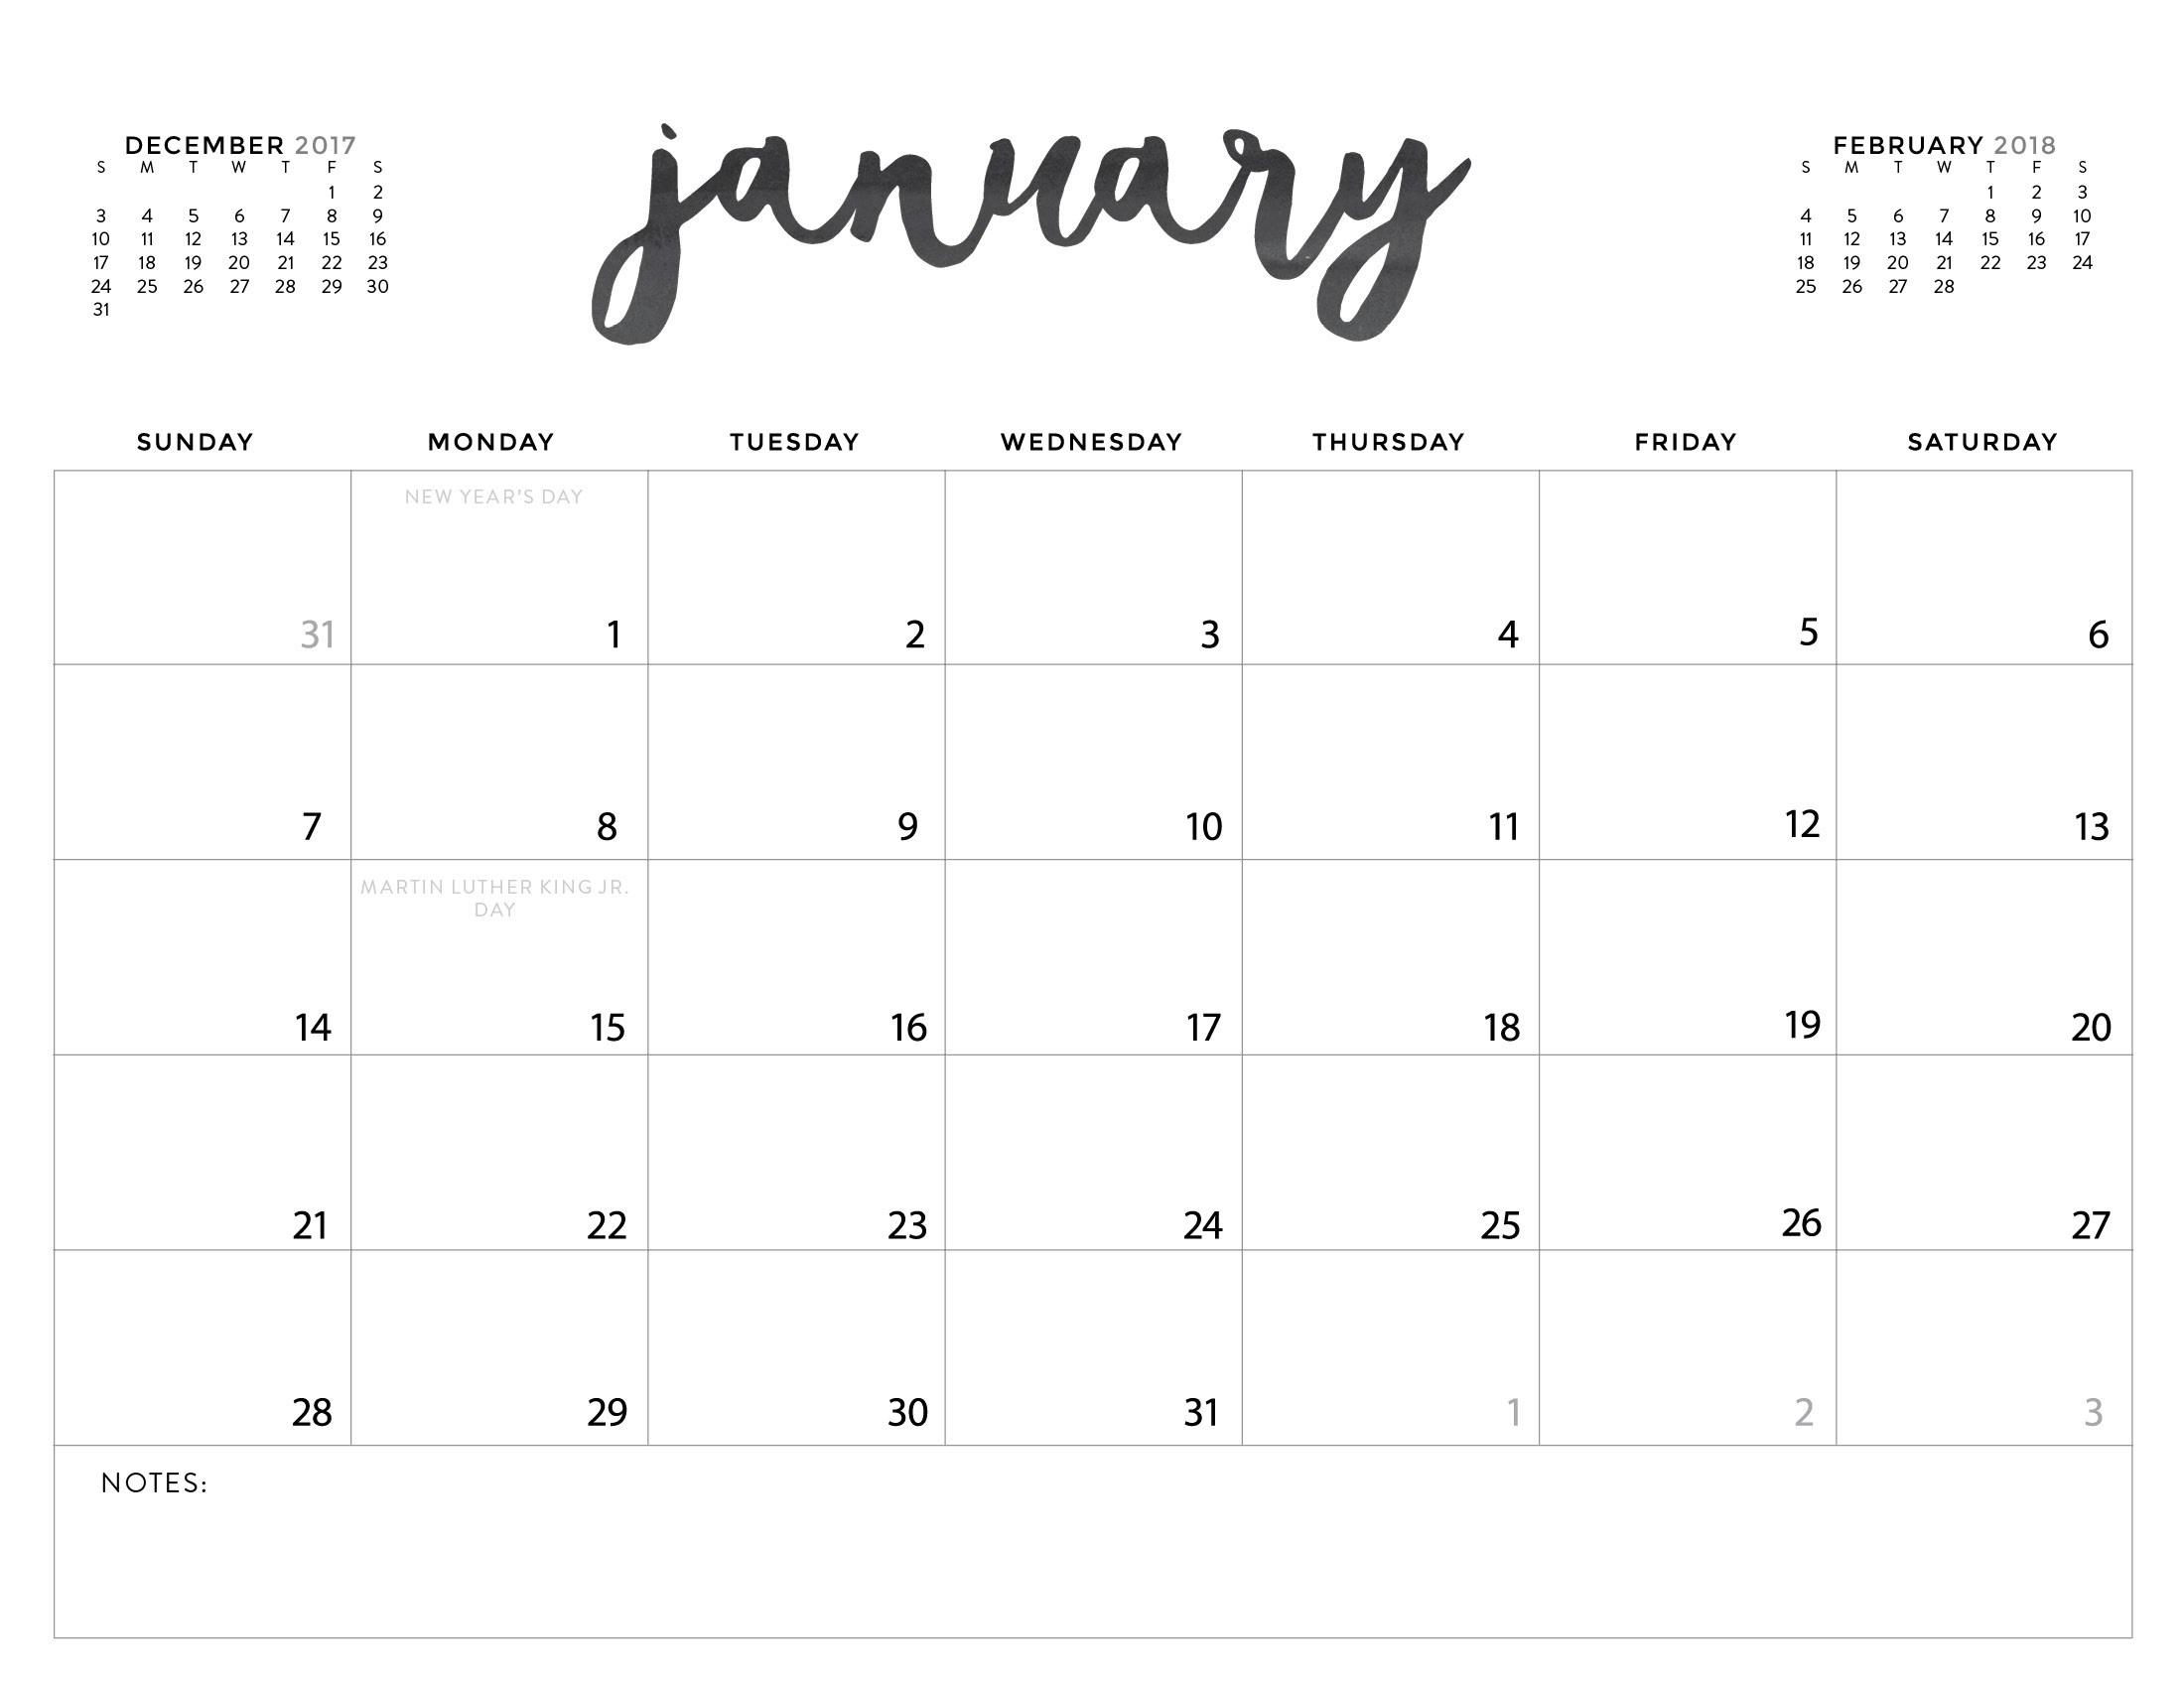 Imom Calendar 2020 - Calendar Inspiration Design